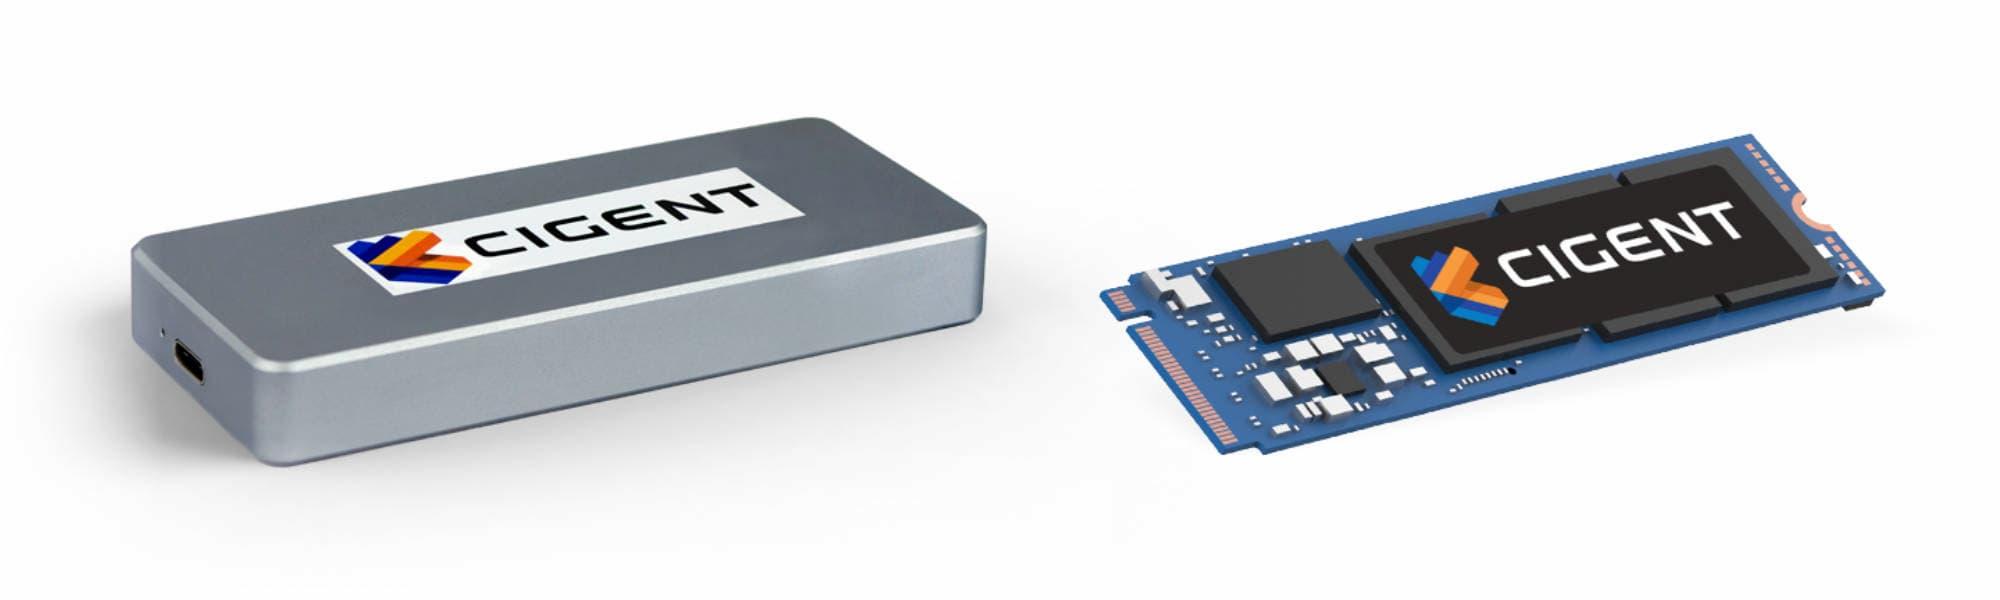 Cigent Secure SSD K2 (зовнішній, внутрішній)